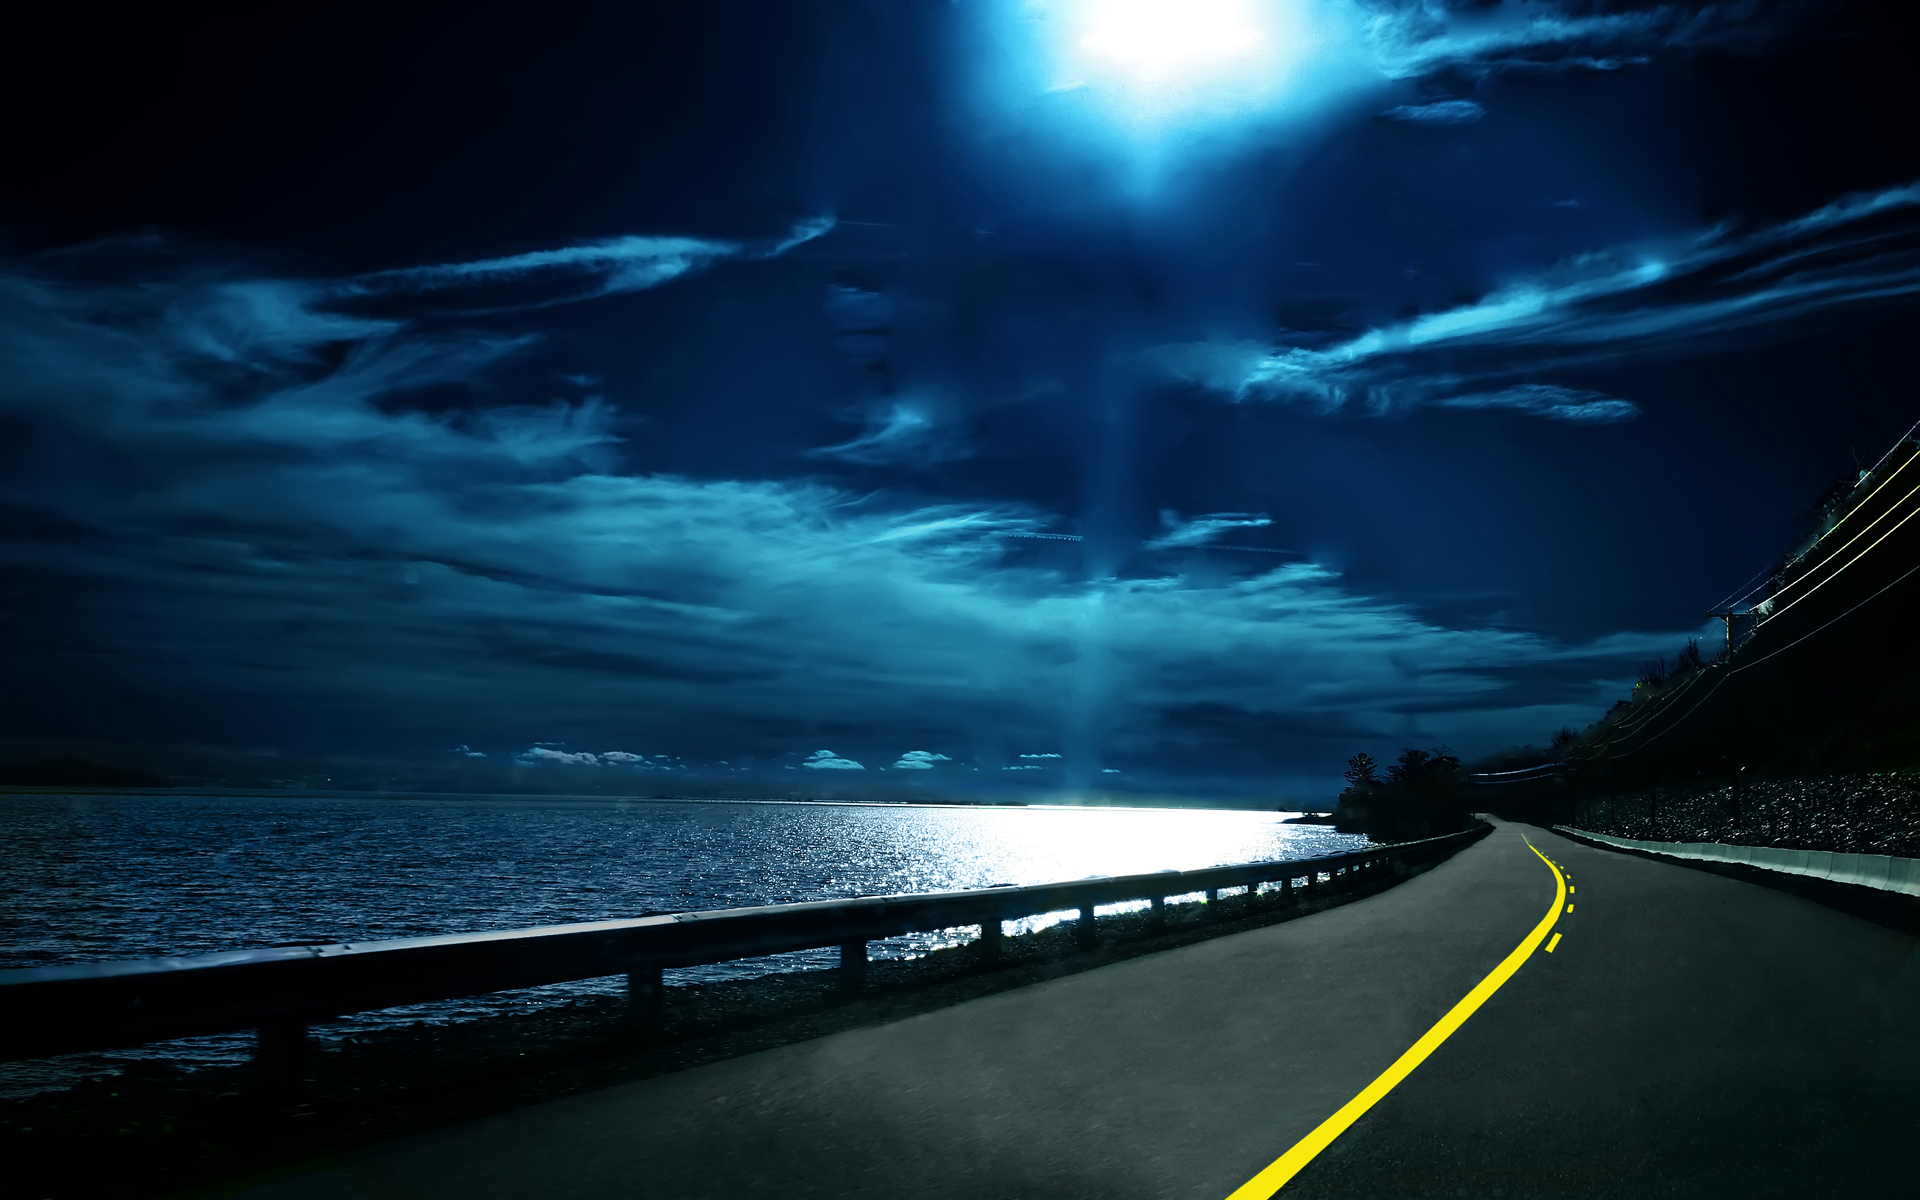 Ночной путь картинки